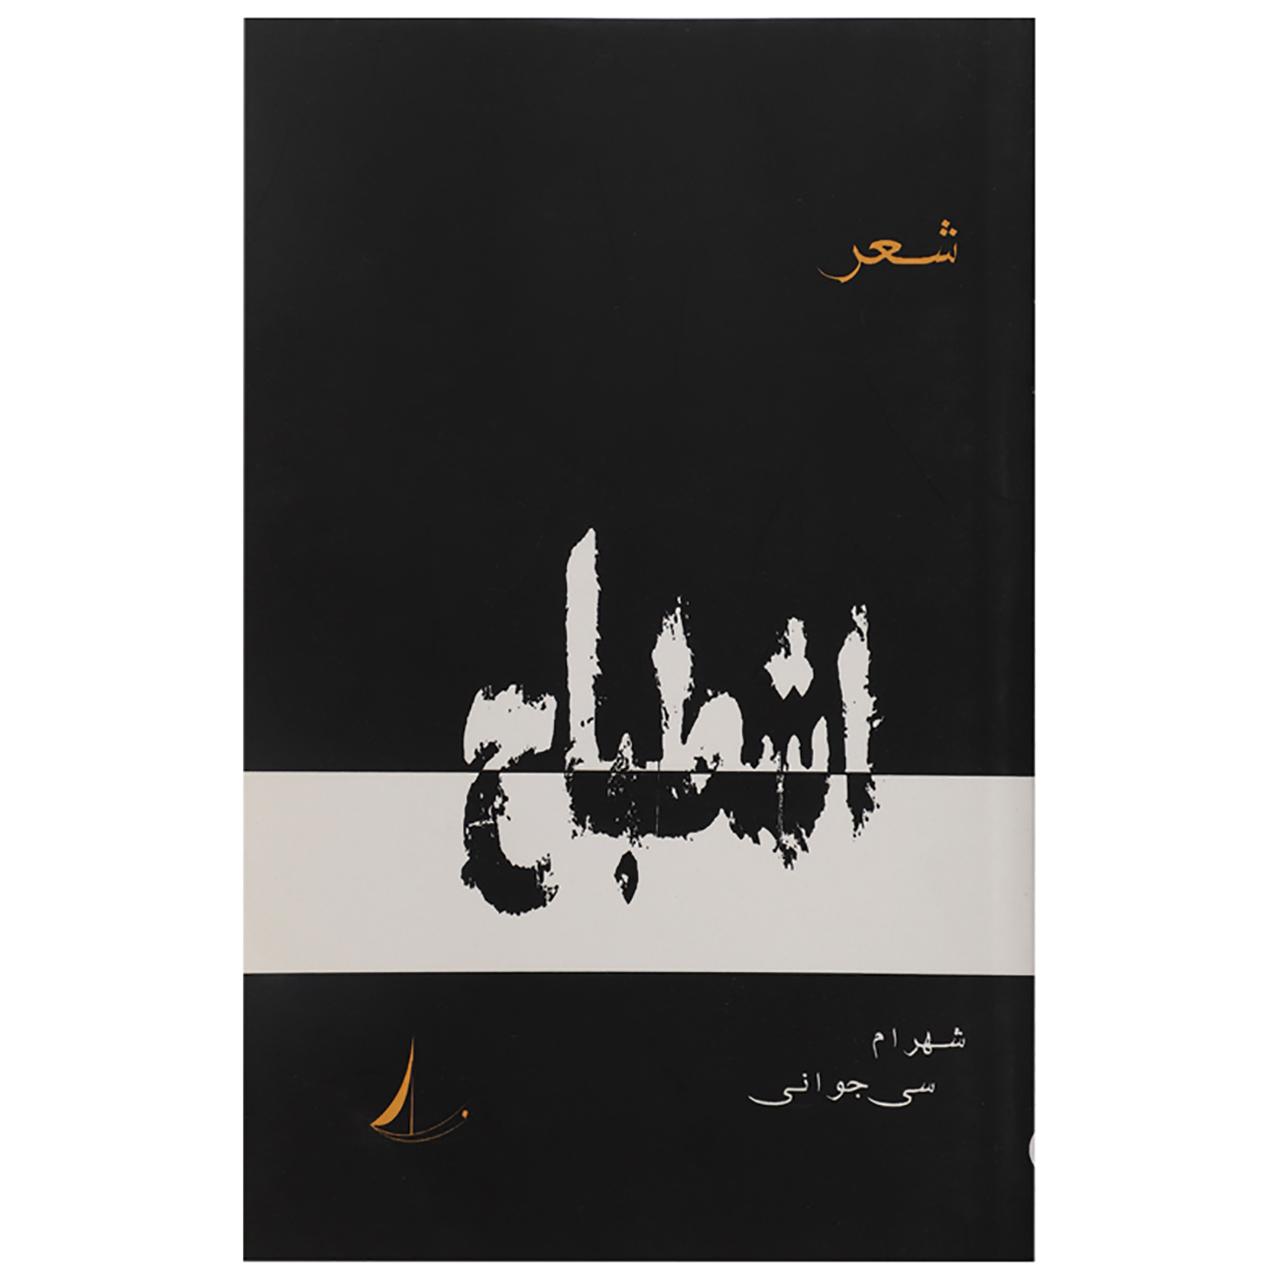 کتاب اشطباح اثر شهرام سی جوانی